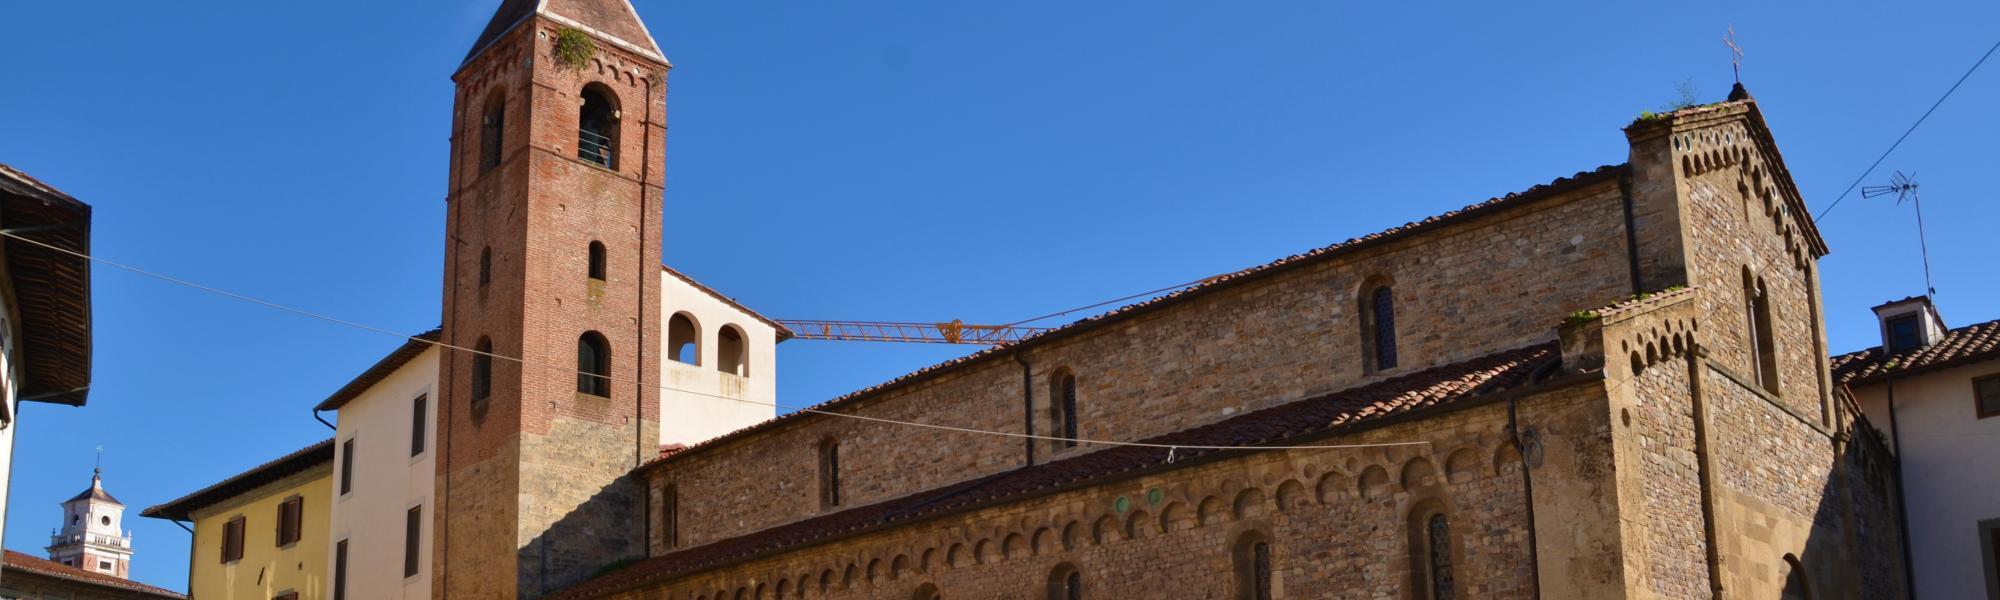 Chiesa di San Sisto (L. Corevi, Comune di Pisa)